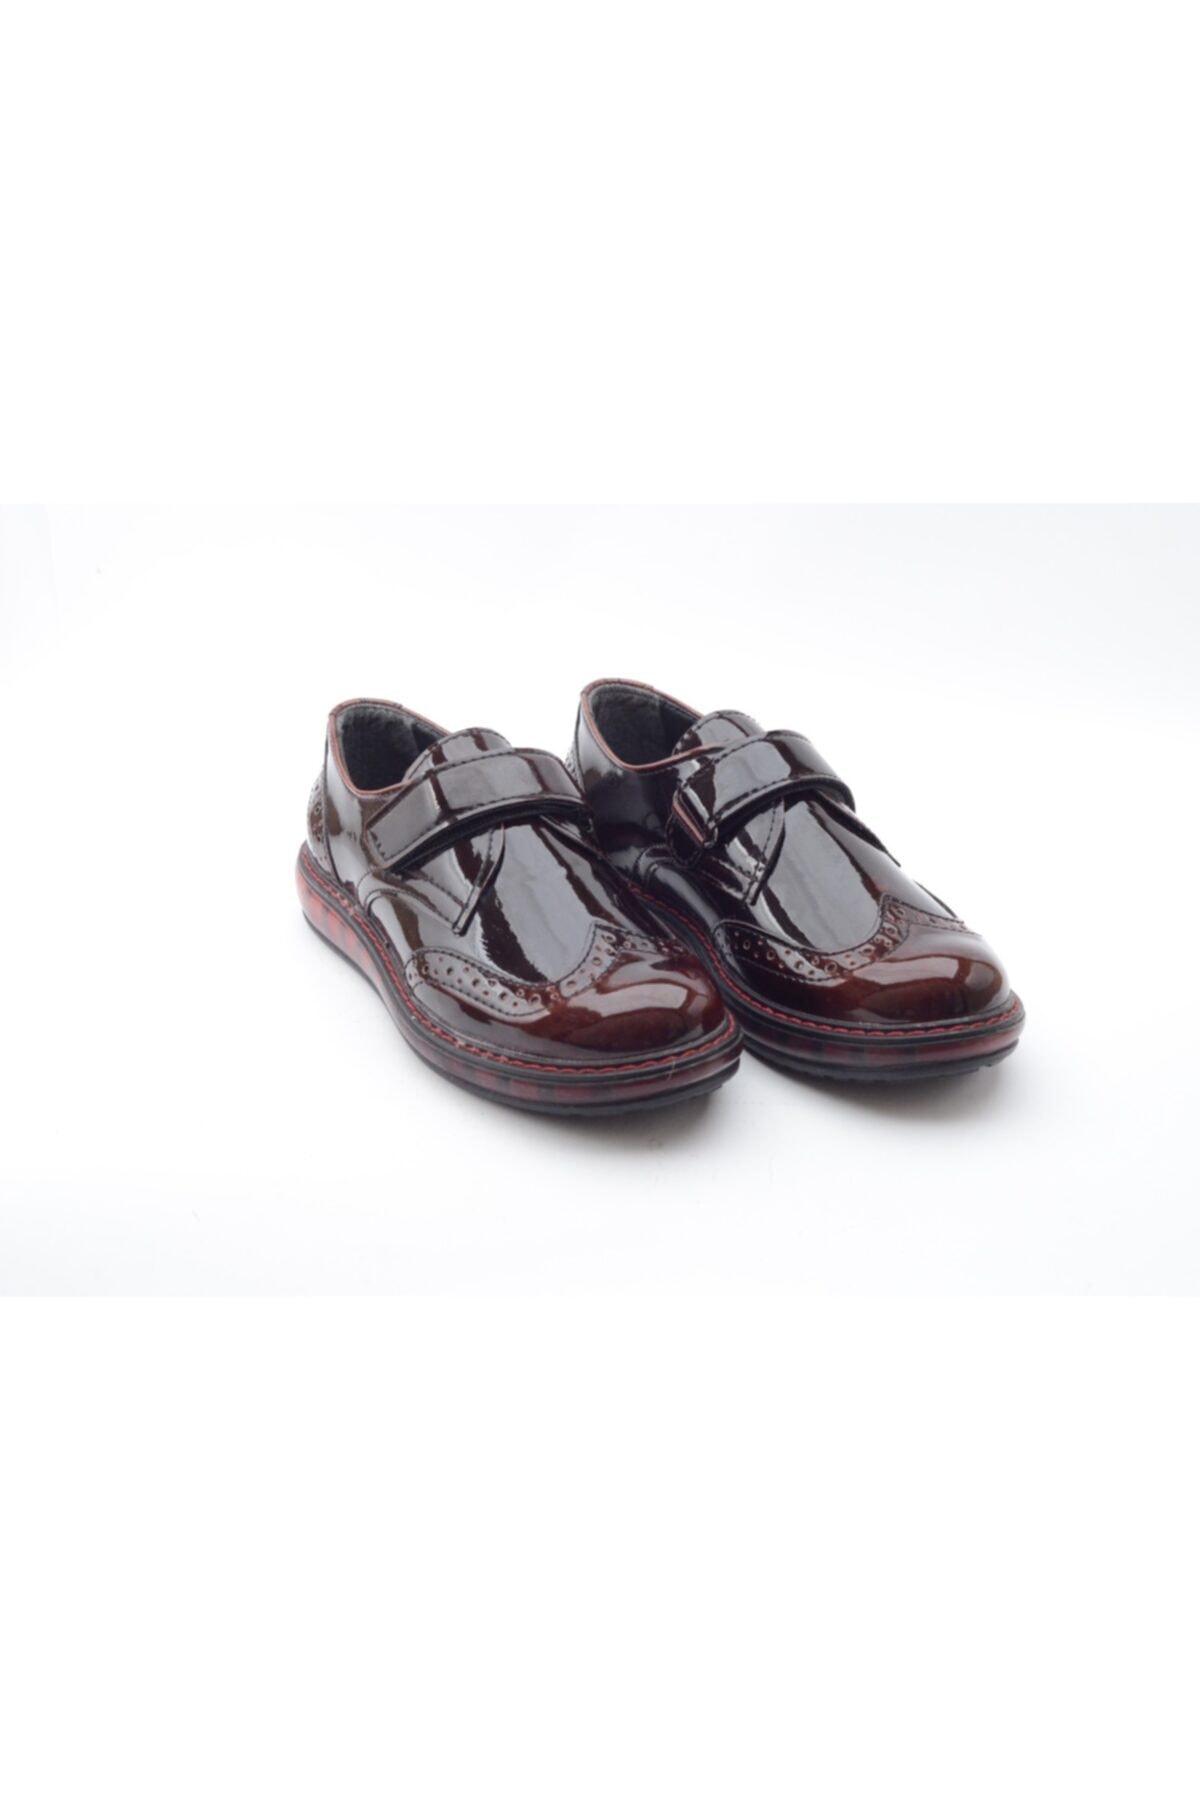 Flubber Erkek Çocuk Cırtlı Klasik Ayakkabı 2